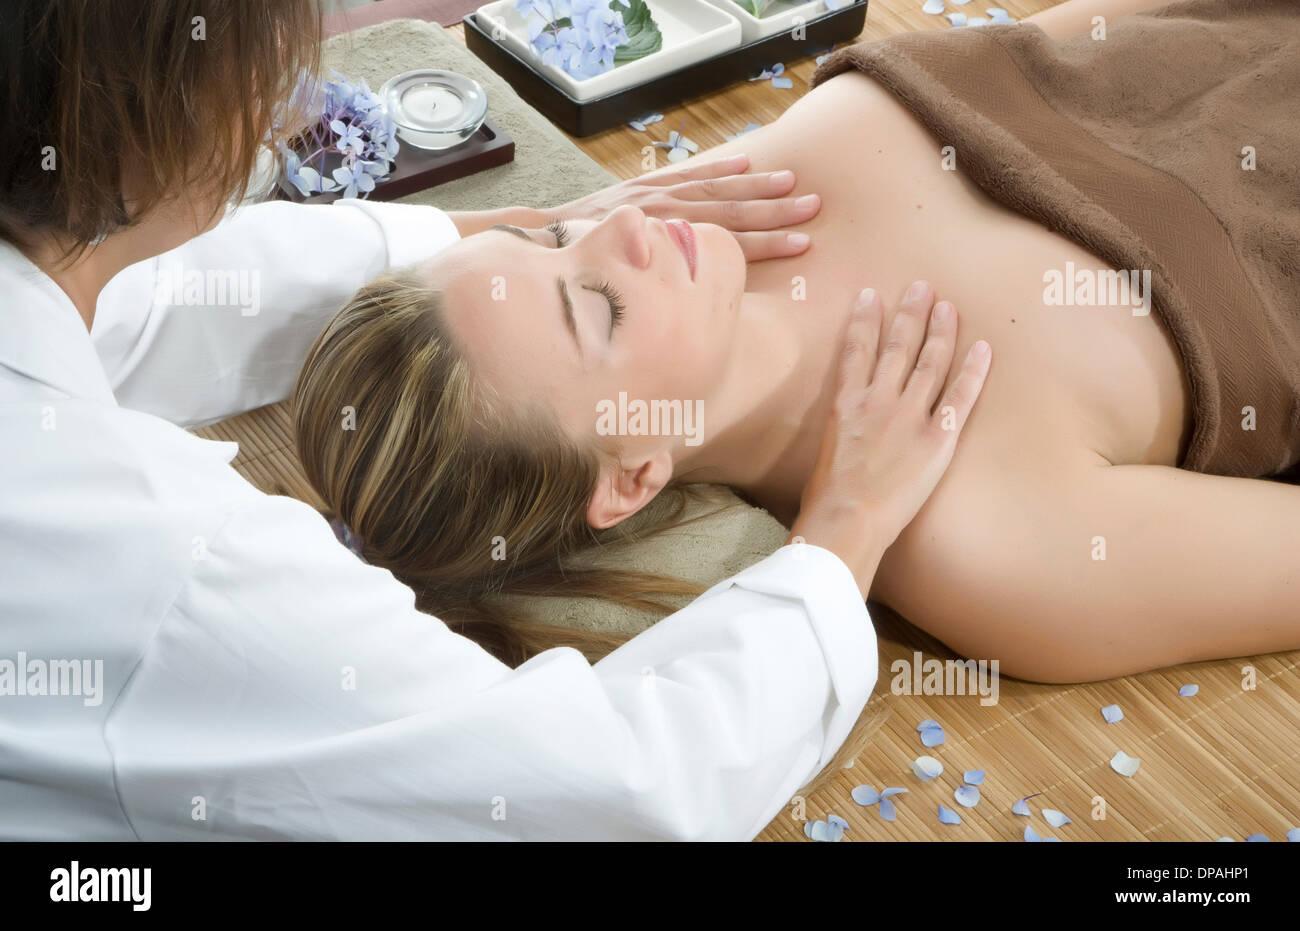 Masseurin mit Schultermassage im spa Stockfoto